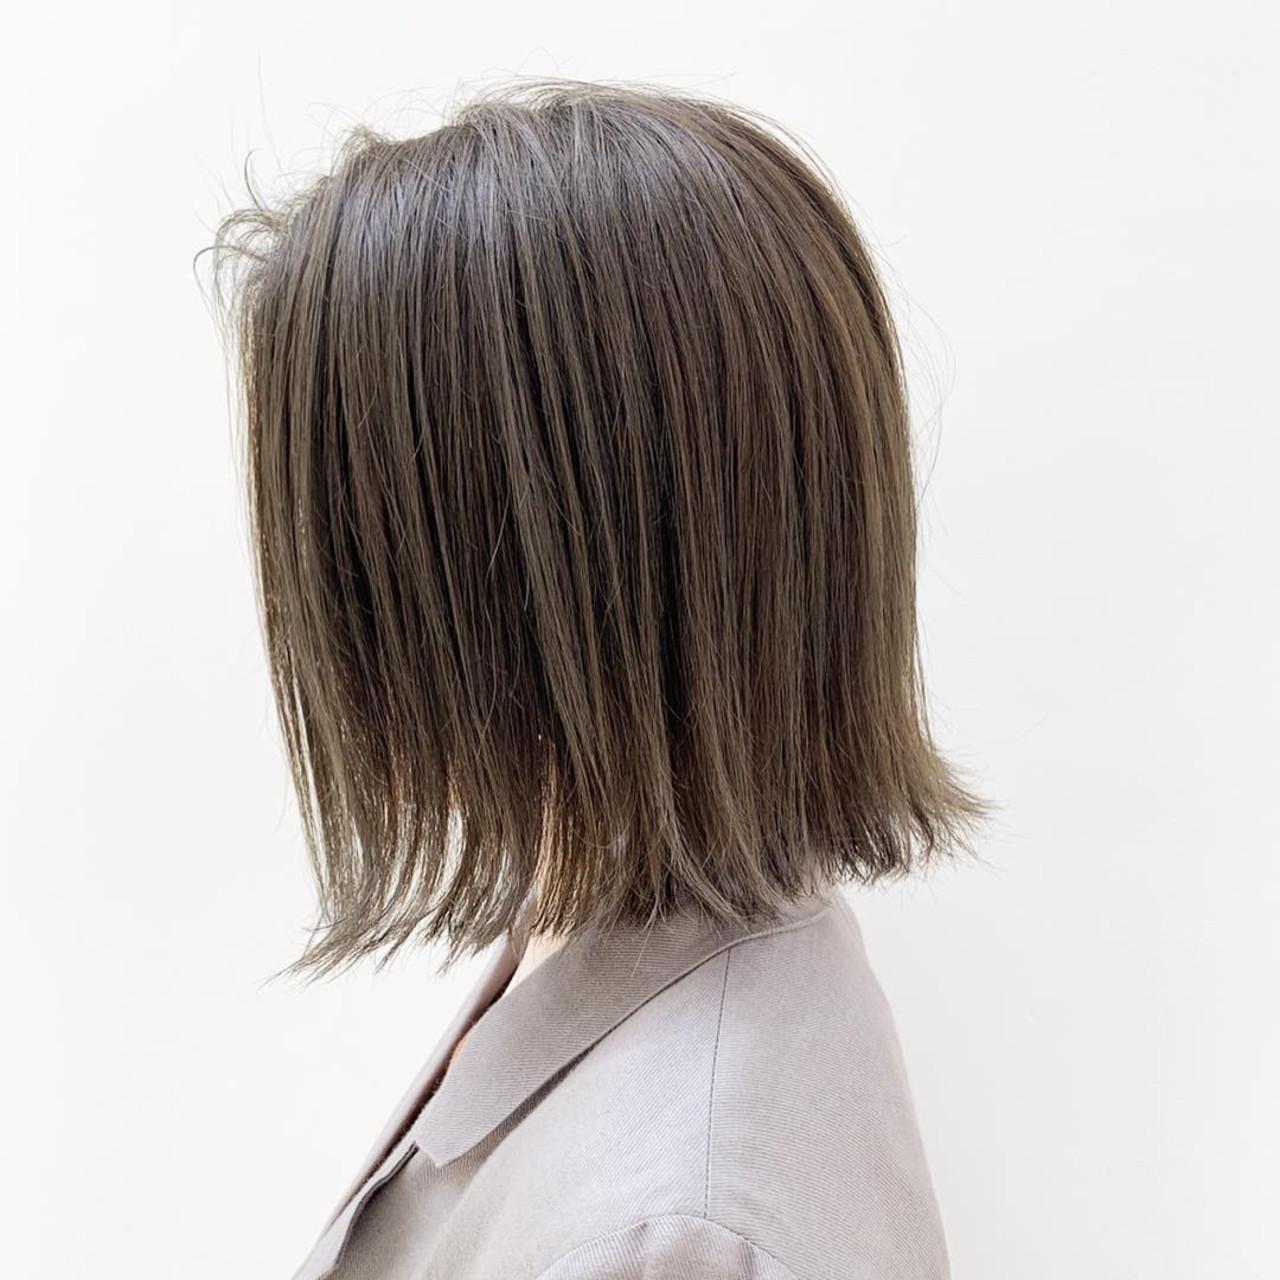 ブルージュで垢抜けよう 生まれつきみたいな透明感のヘアカラー